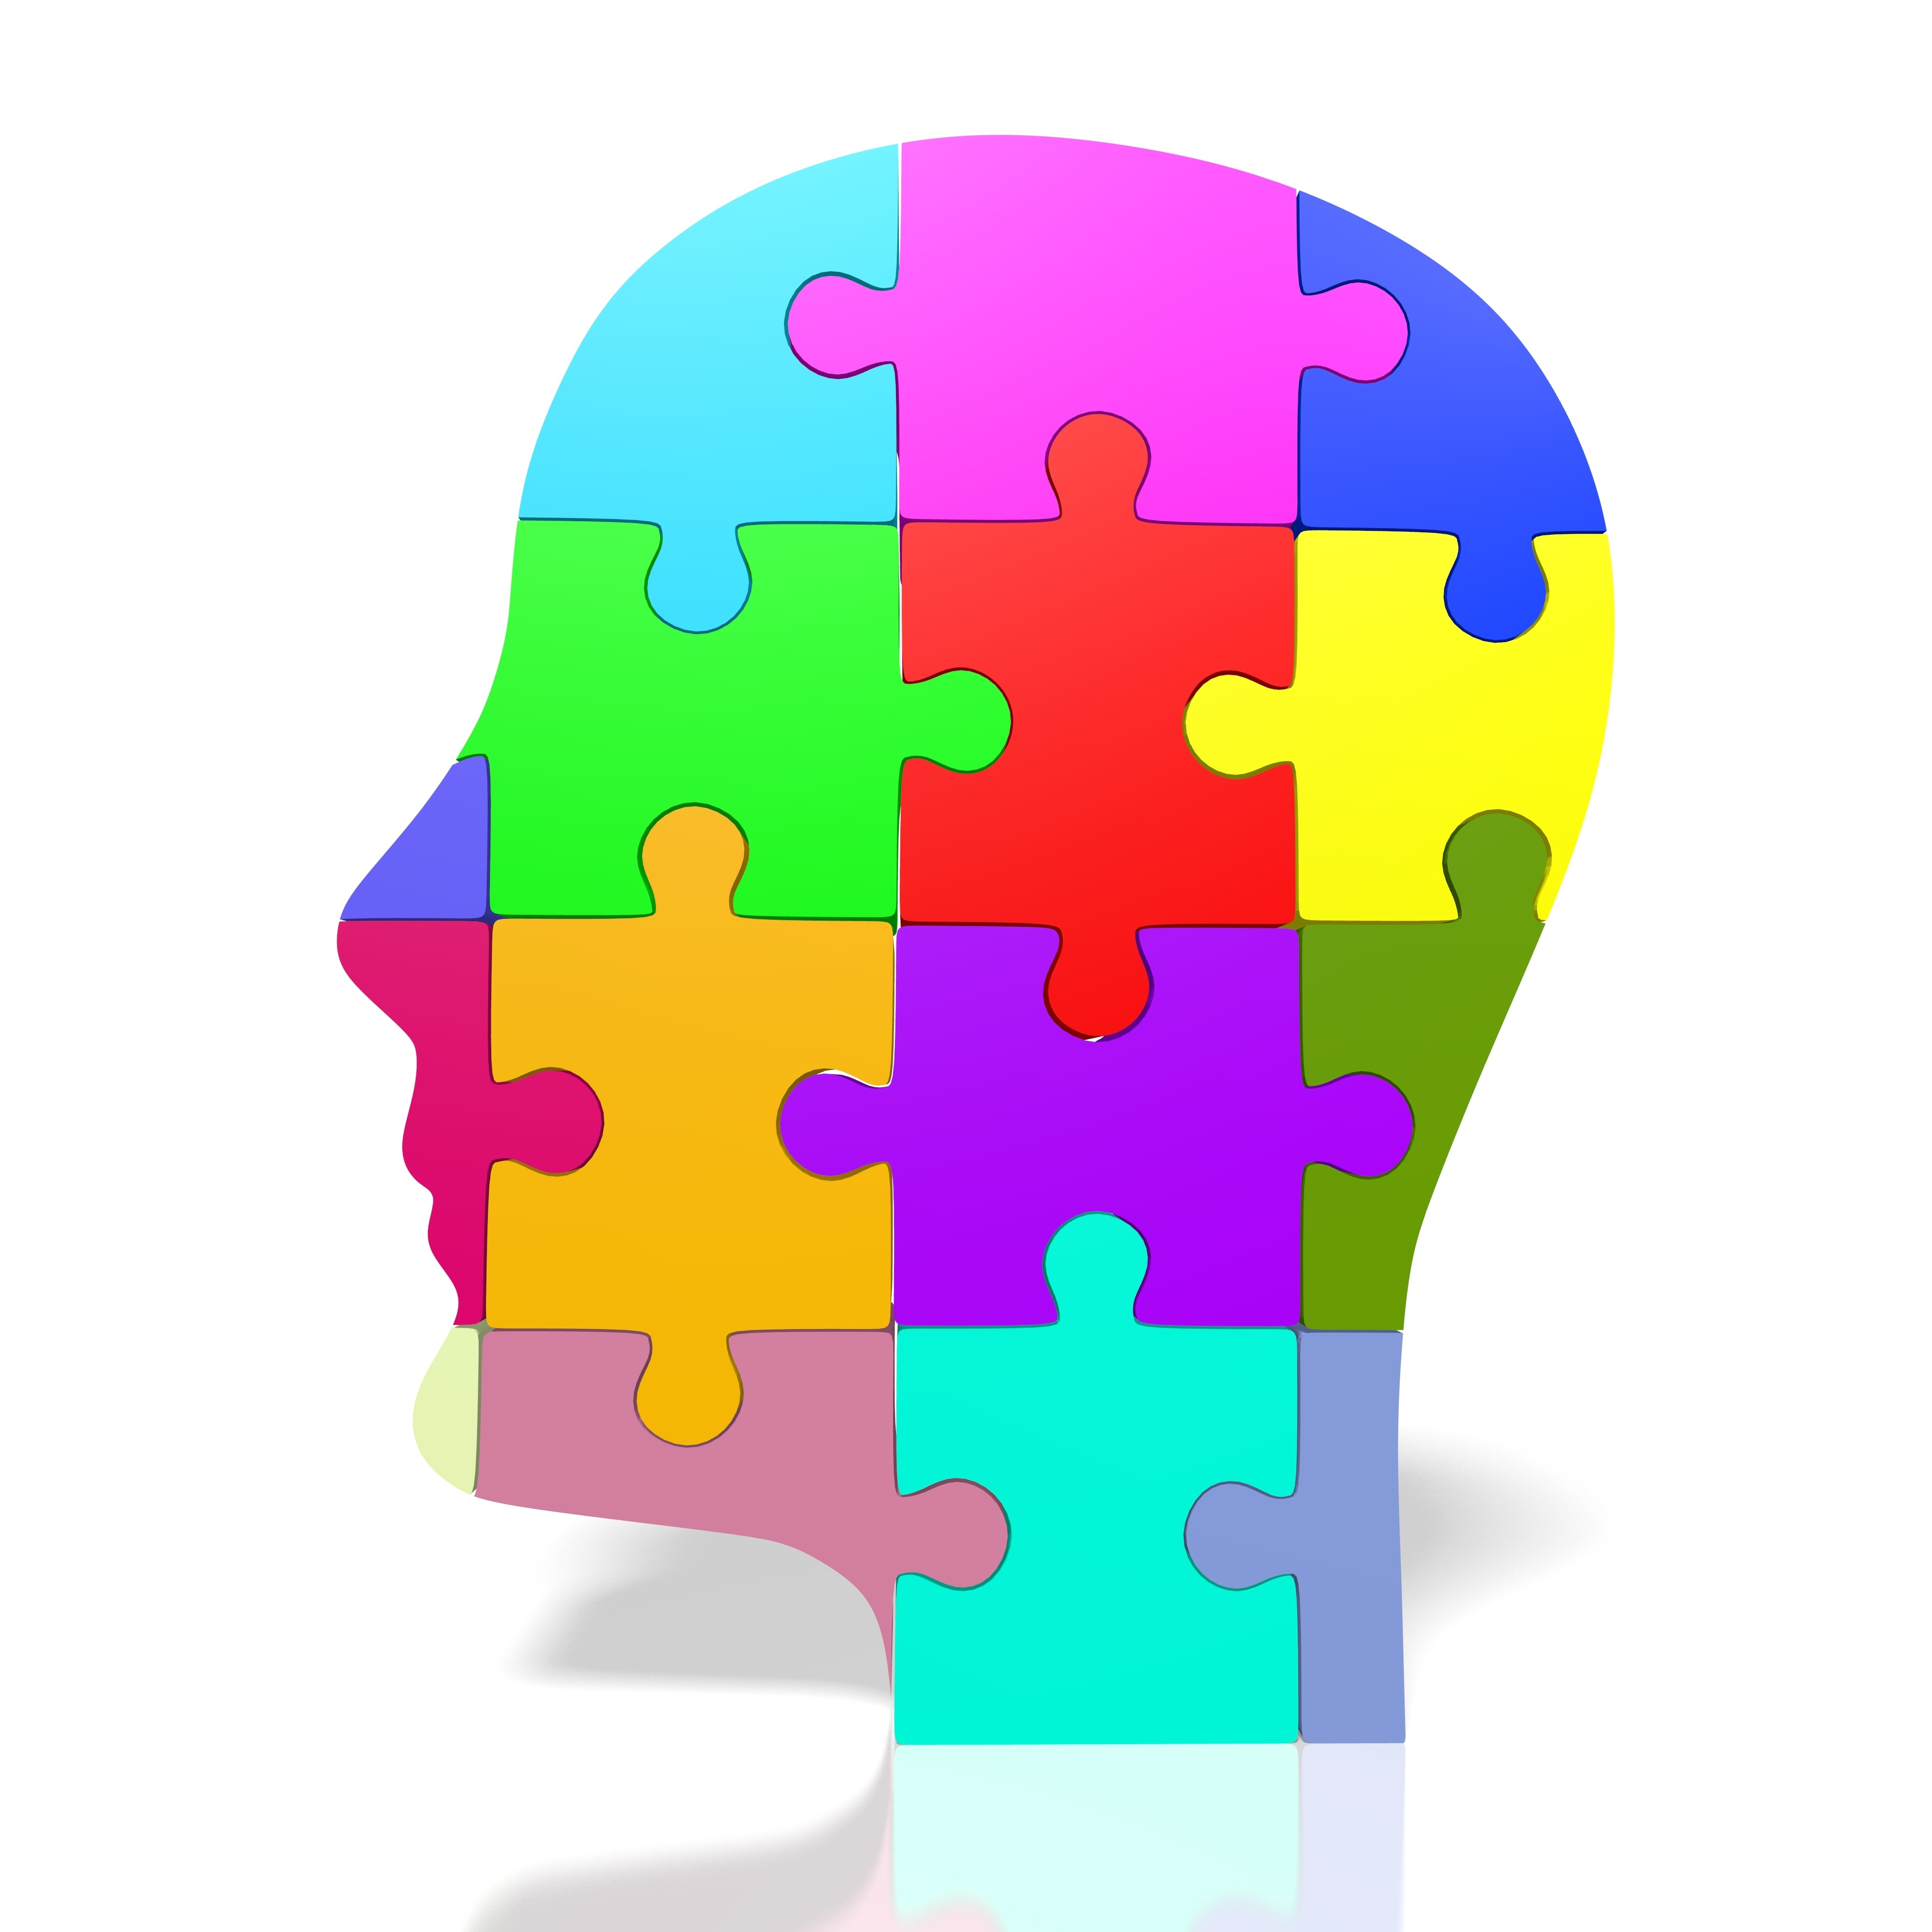 4 inteligencias múltiples para crear contenido que potencializarán tu estrategia inbound